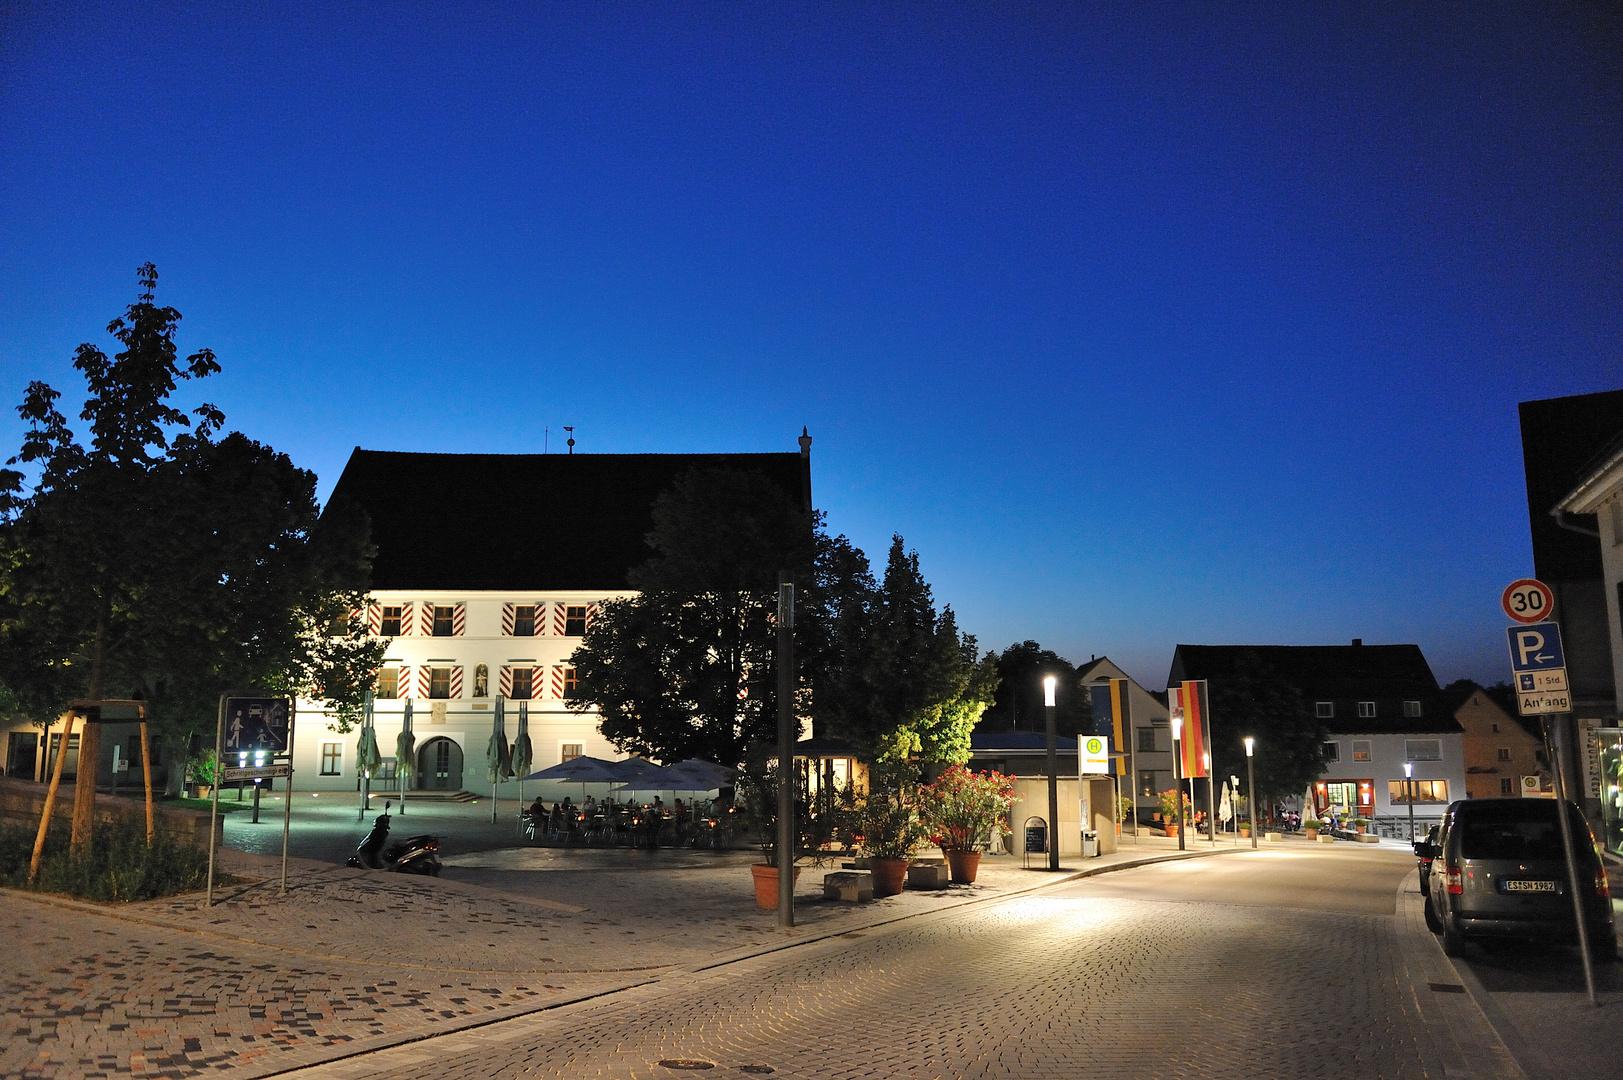 Schloßplatz in Neuhausen/Filder